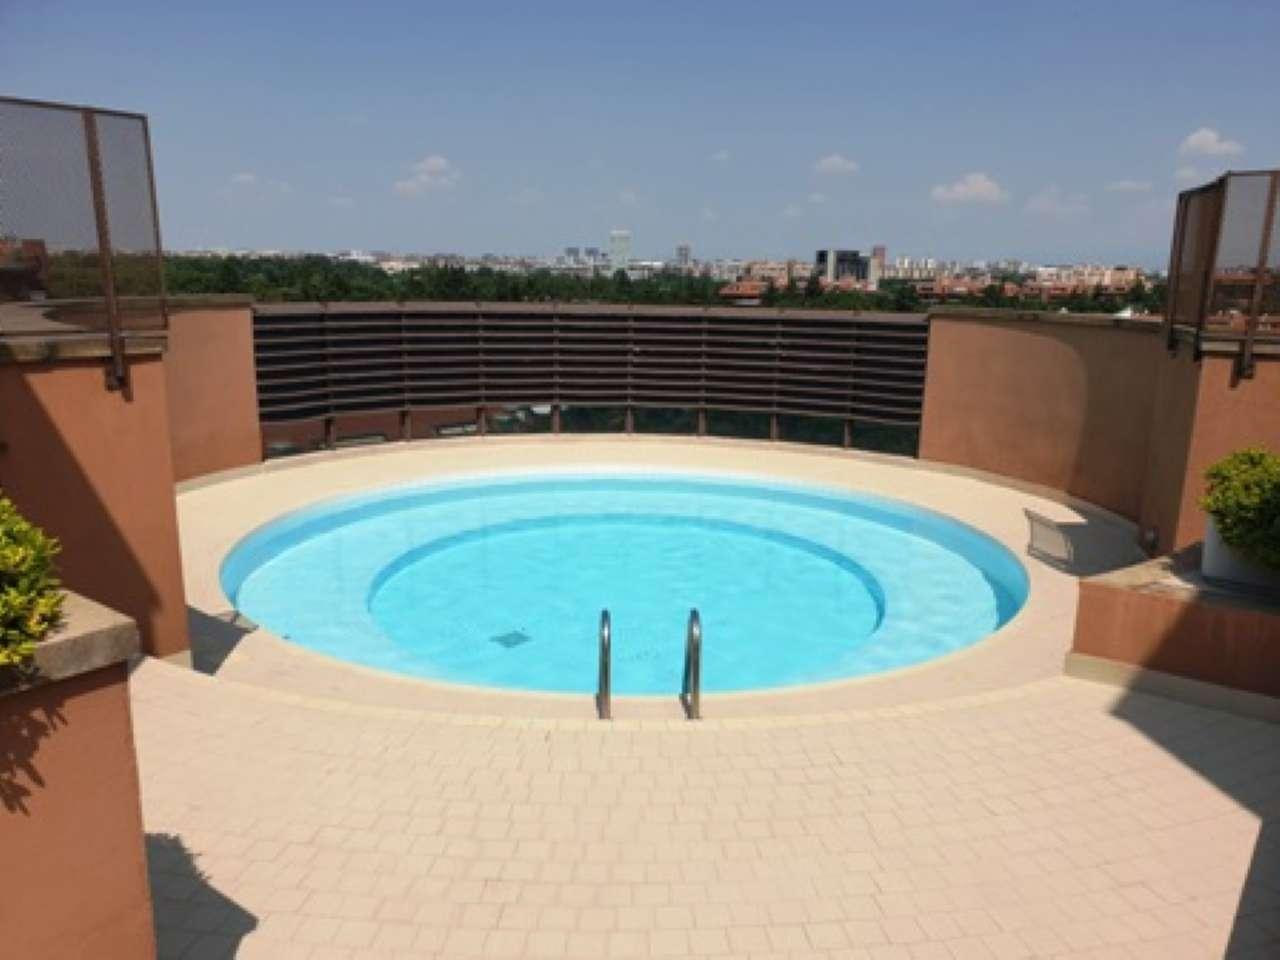 Attico / Mansarda in vendita a Segrate, 7 locali, prezzo € 1.400.000 | PortaleAgenzieImmobiliari.it